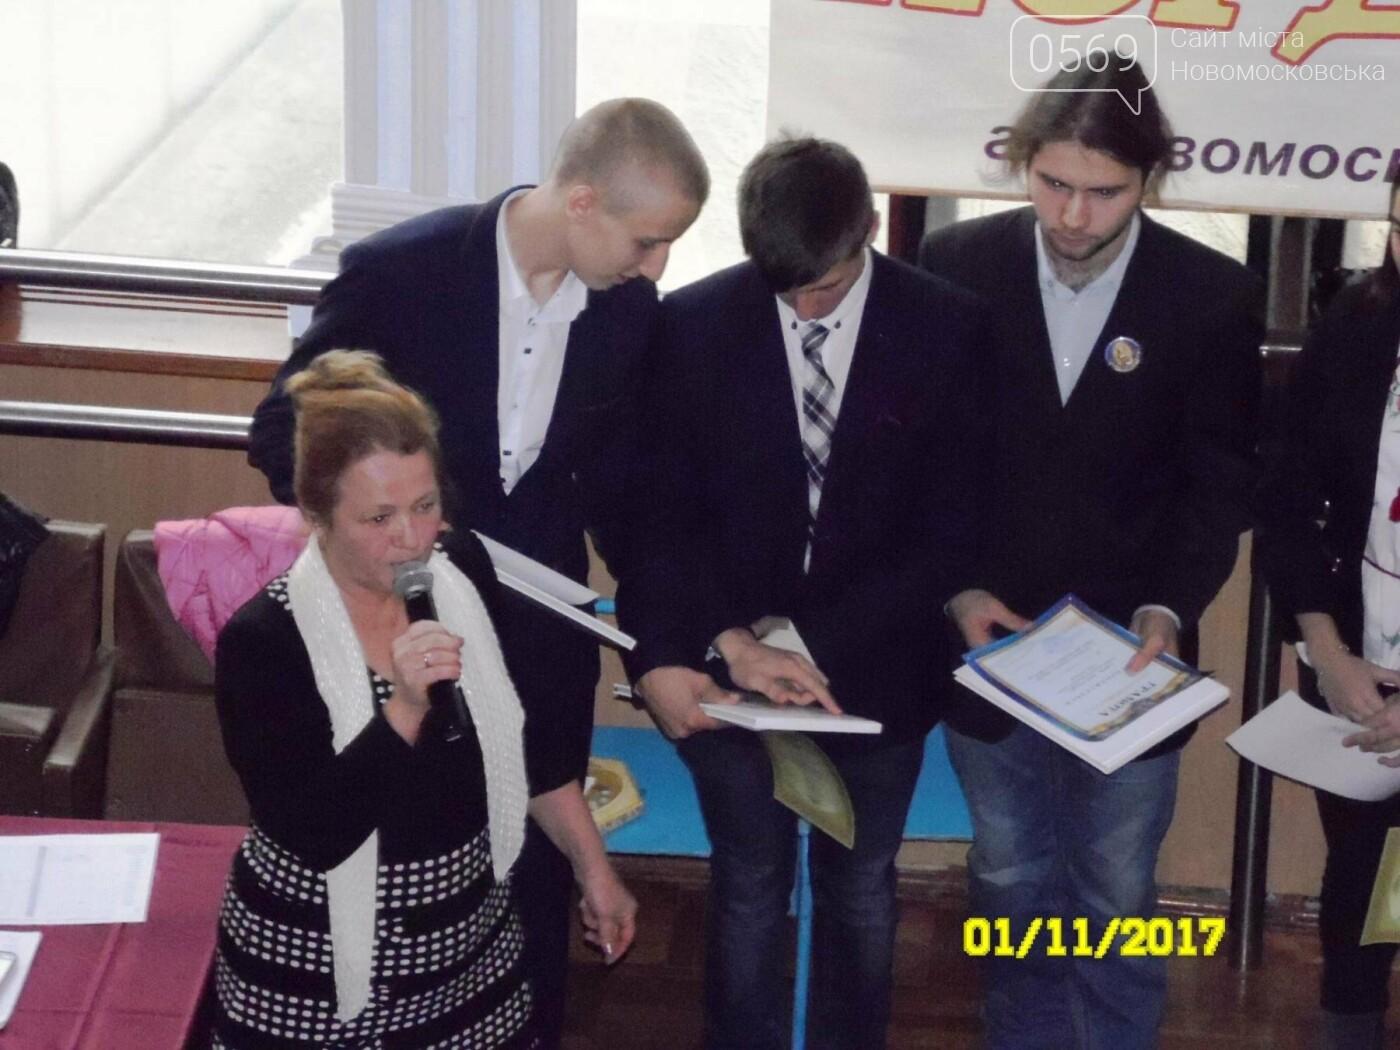 Новомосковские школьники сыграли в «Что? Где? Когда?», фото-12